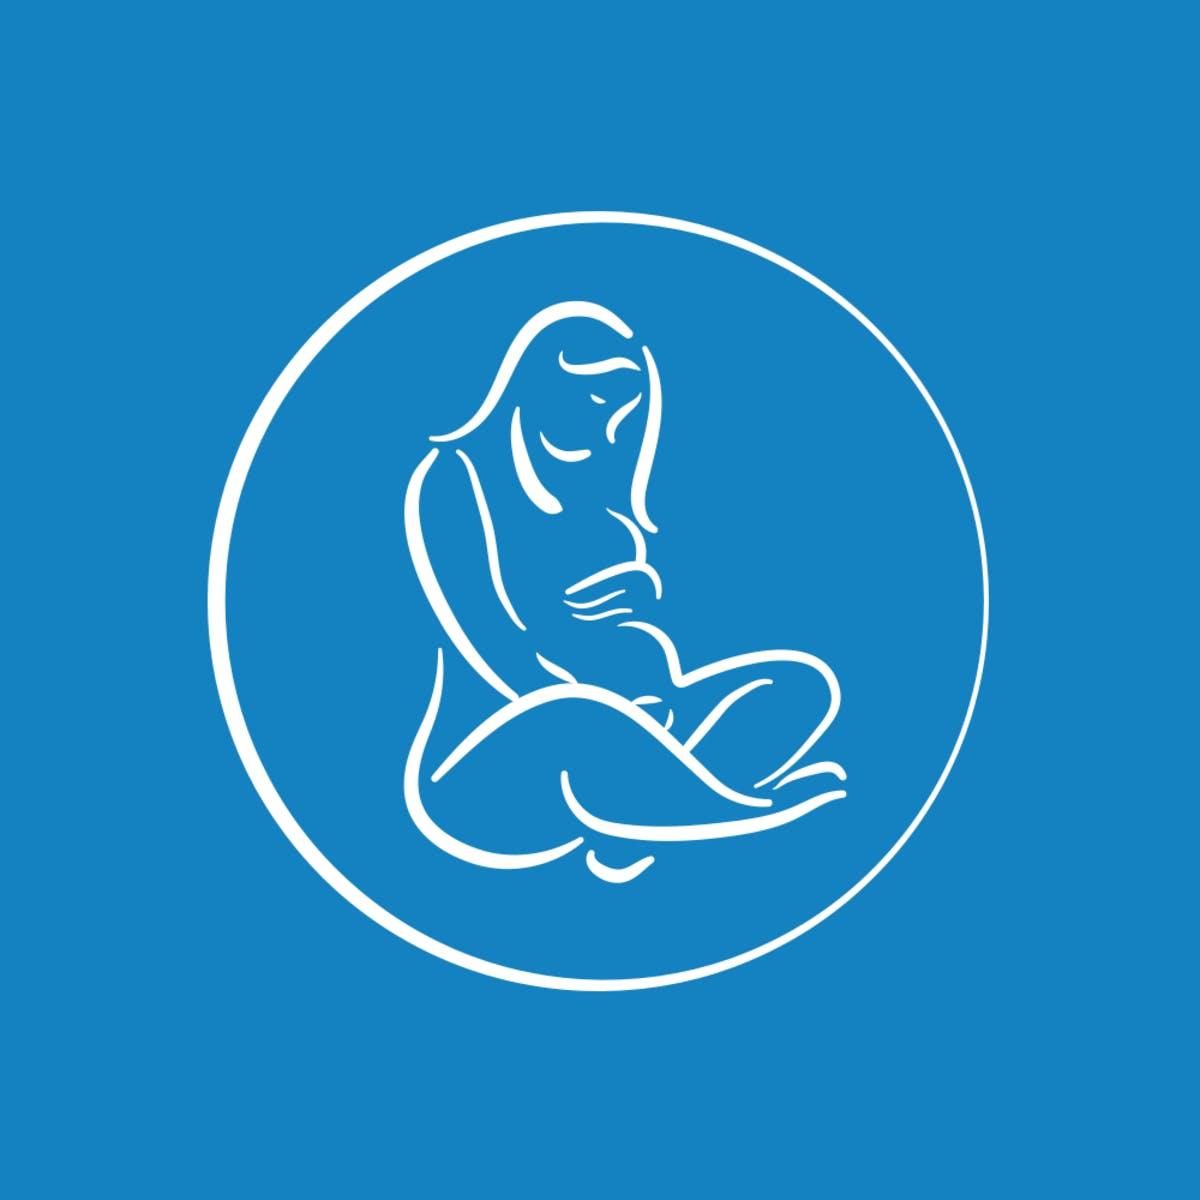 Репродуктивное здоровье женщины и безопасная беременность